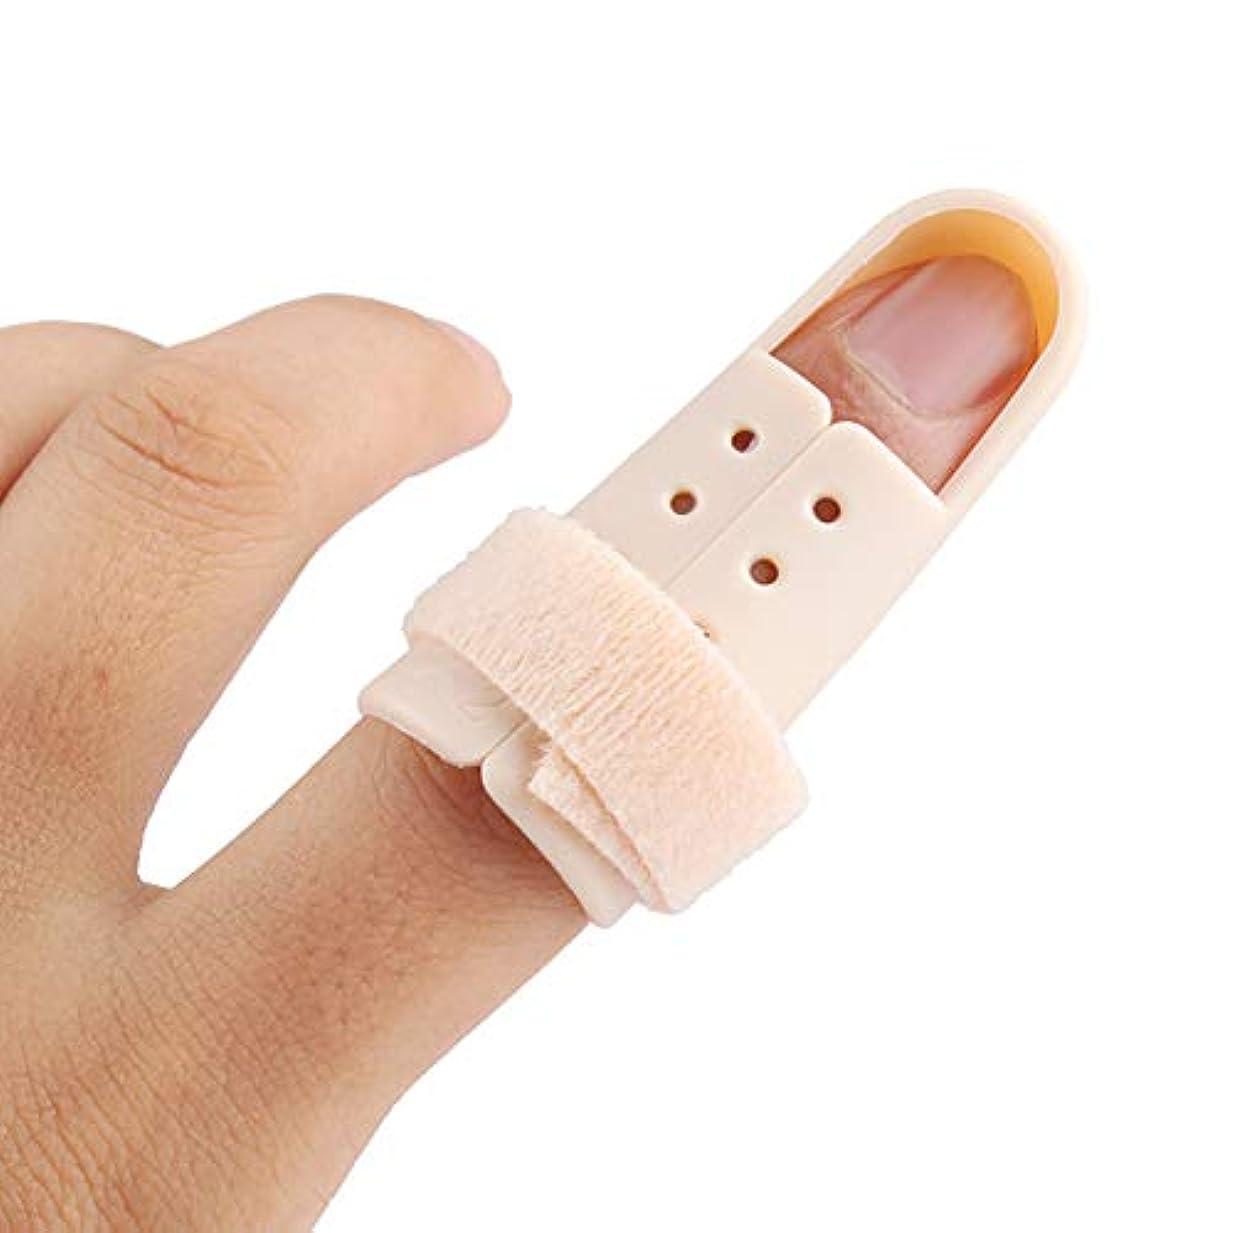 ハチ密輸一見フィンガースプリントブレース、指関節痛用フィンガーイモビライザー、バスケットボール用プロテクター、5個,S